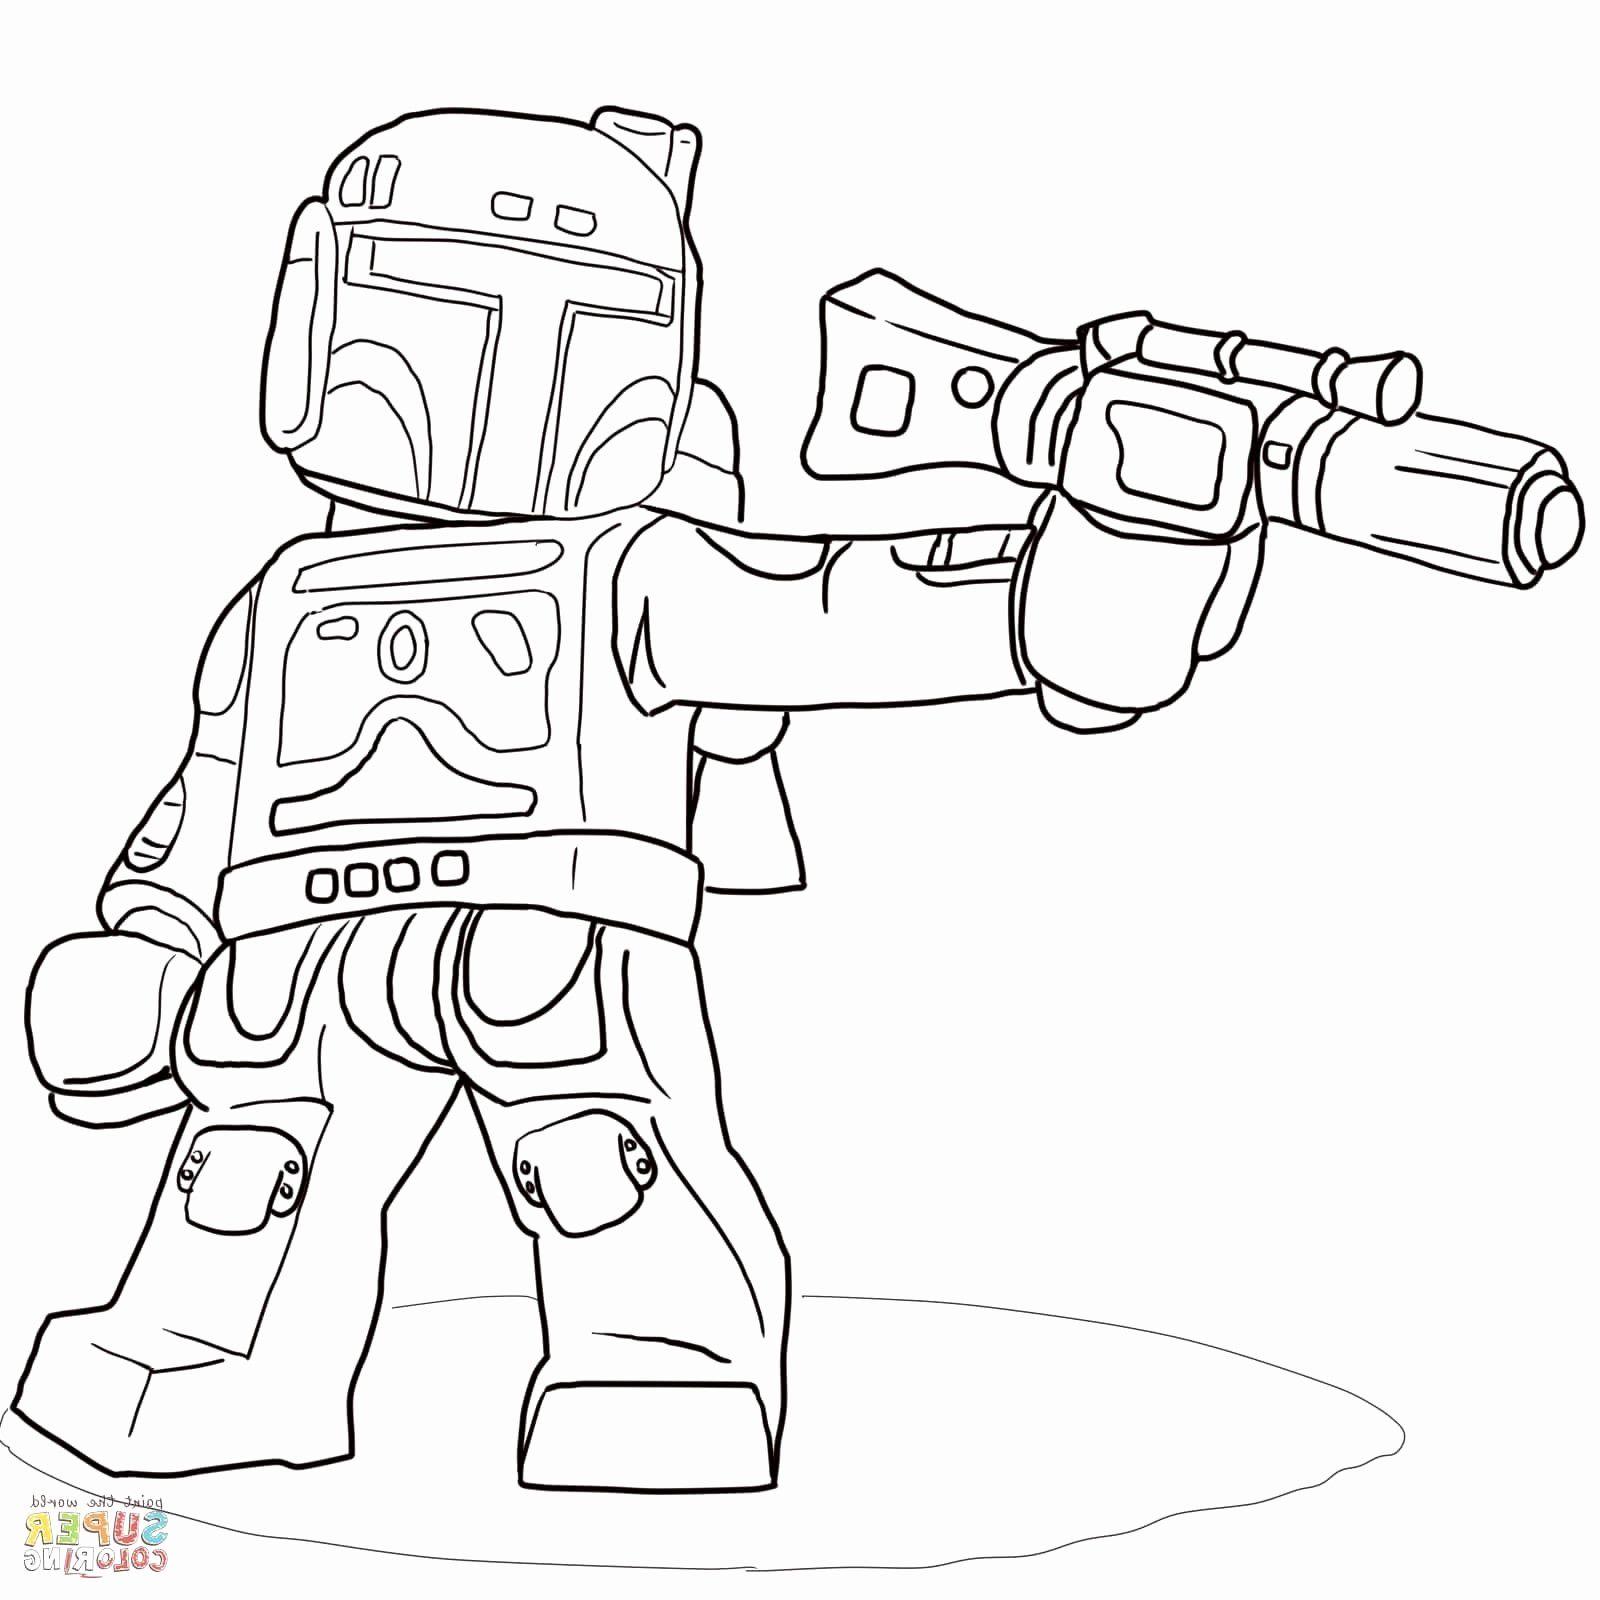 Dessin Lego Star Wars A Imprimer In 2020 Star Wars Colors Star